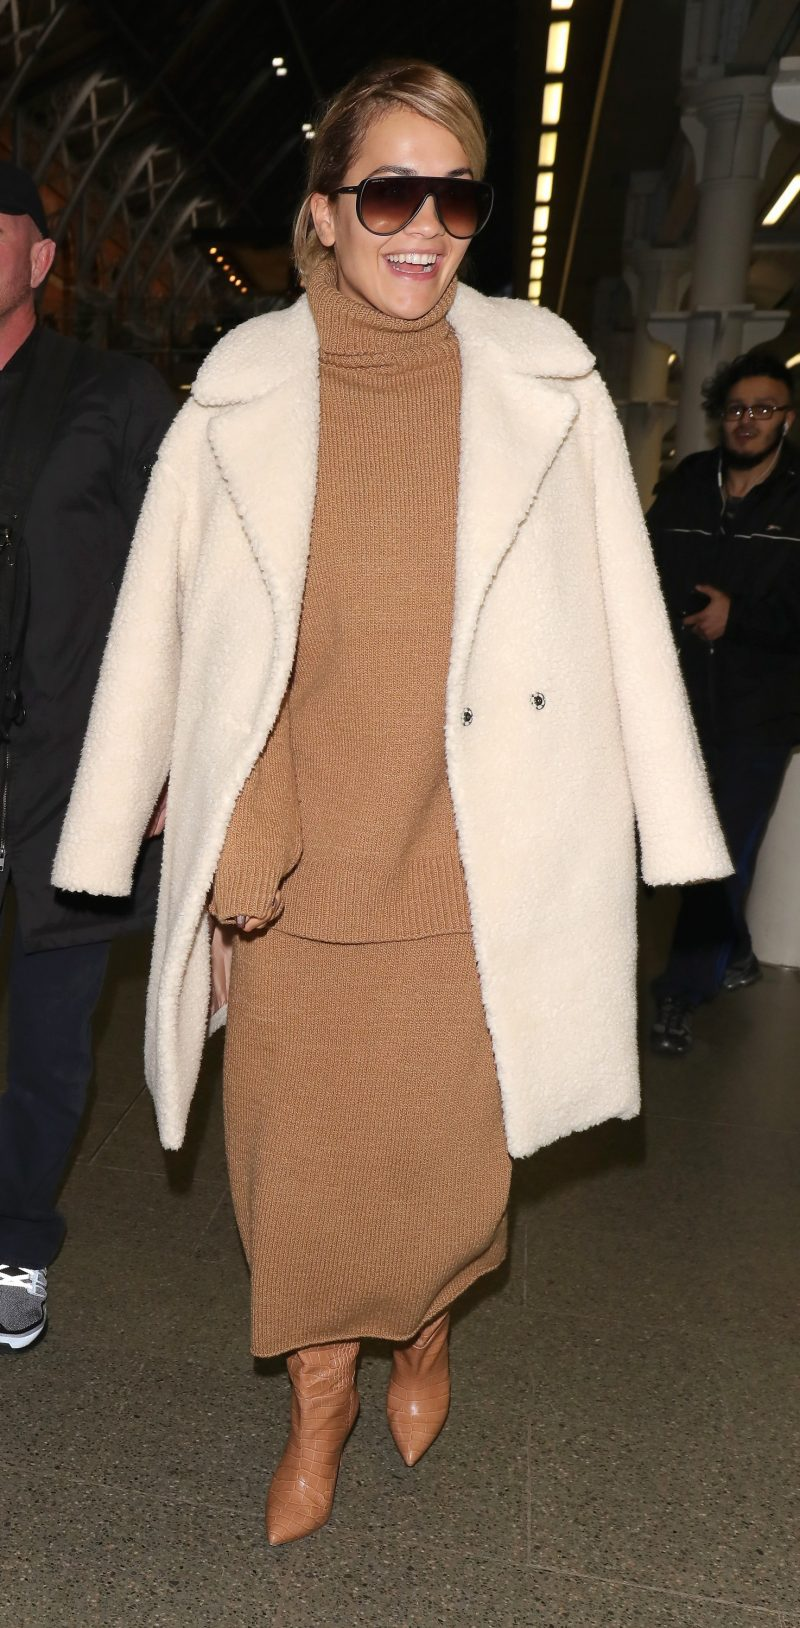 Rita Ora arrives at St Pancras station after attending Paris Fashion Week